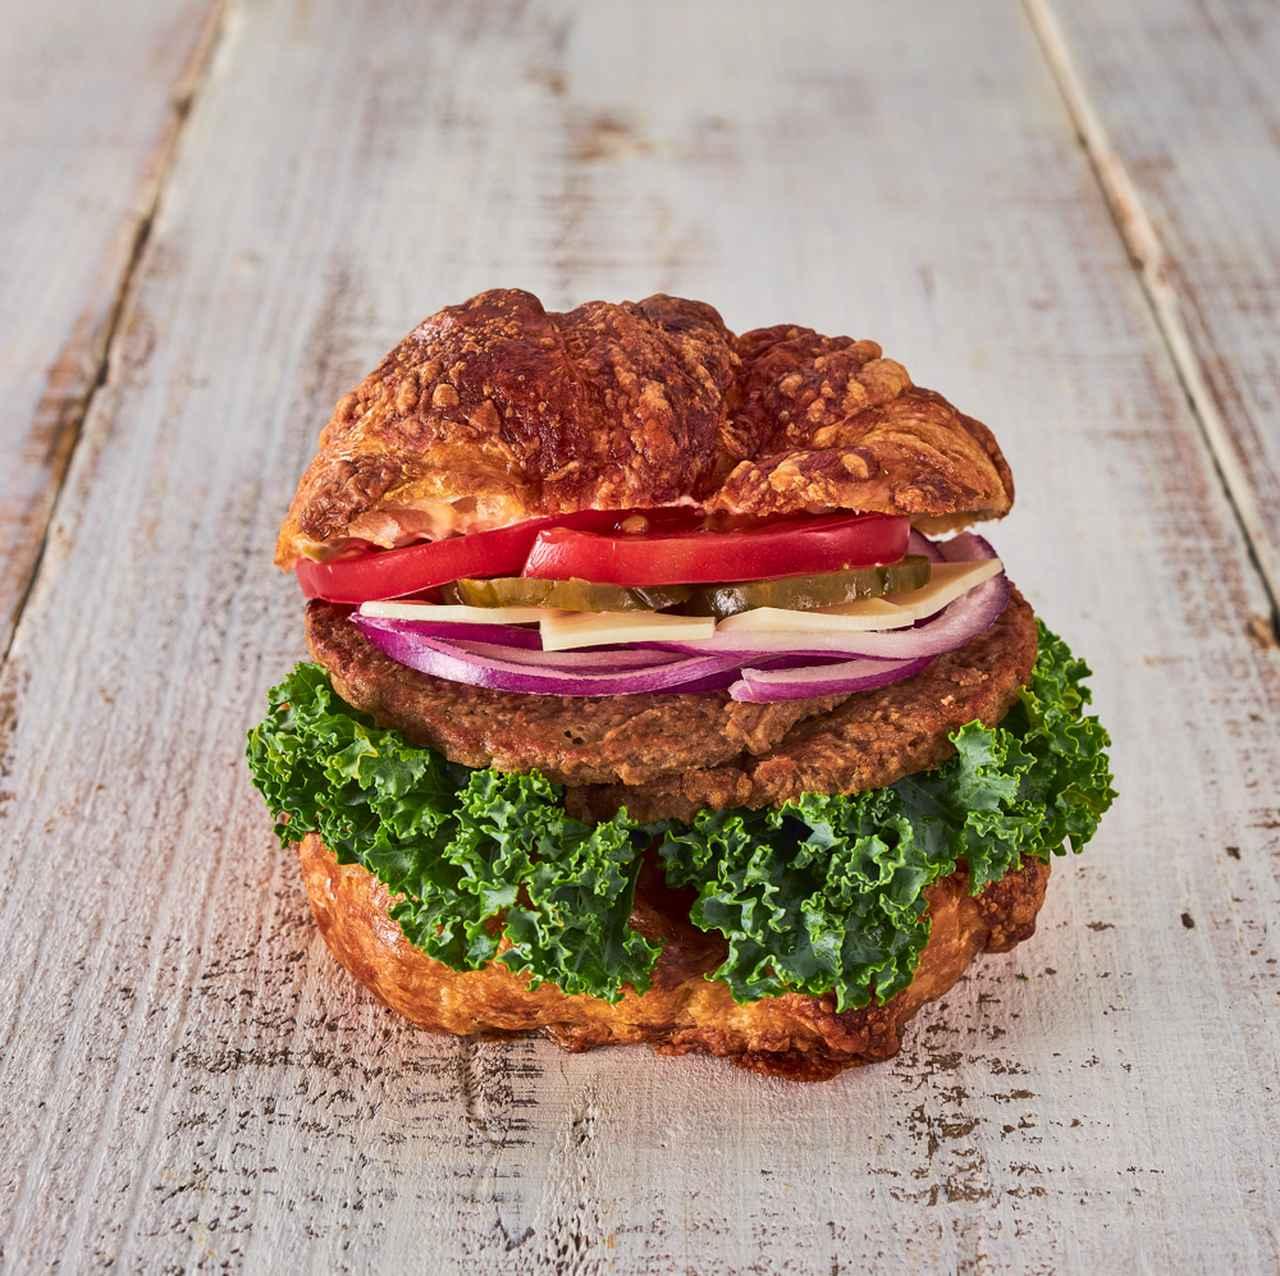 画像1: 仏サンドイッチベストチェーン自慢のサンドイッチやトロぺジェンヌ マロンが新発売